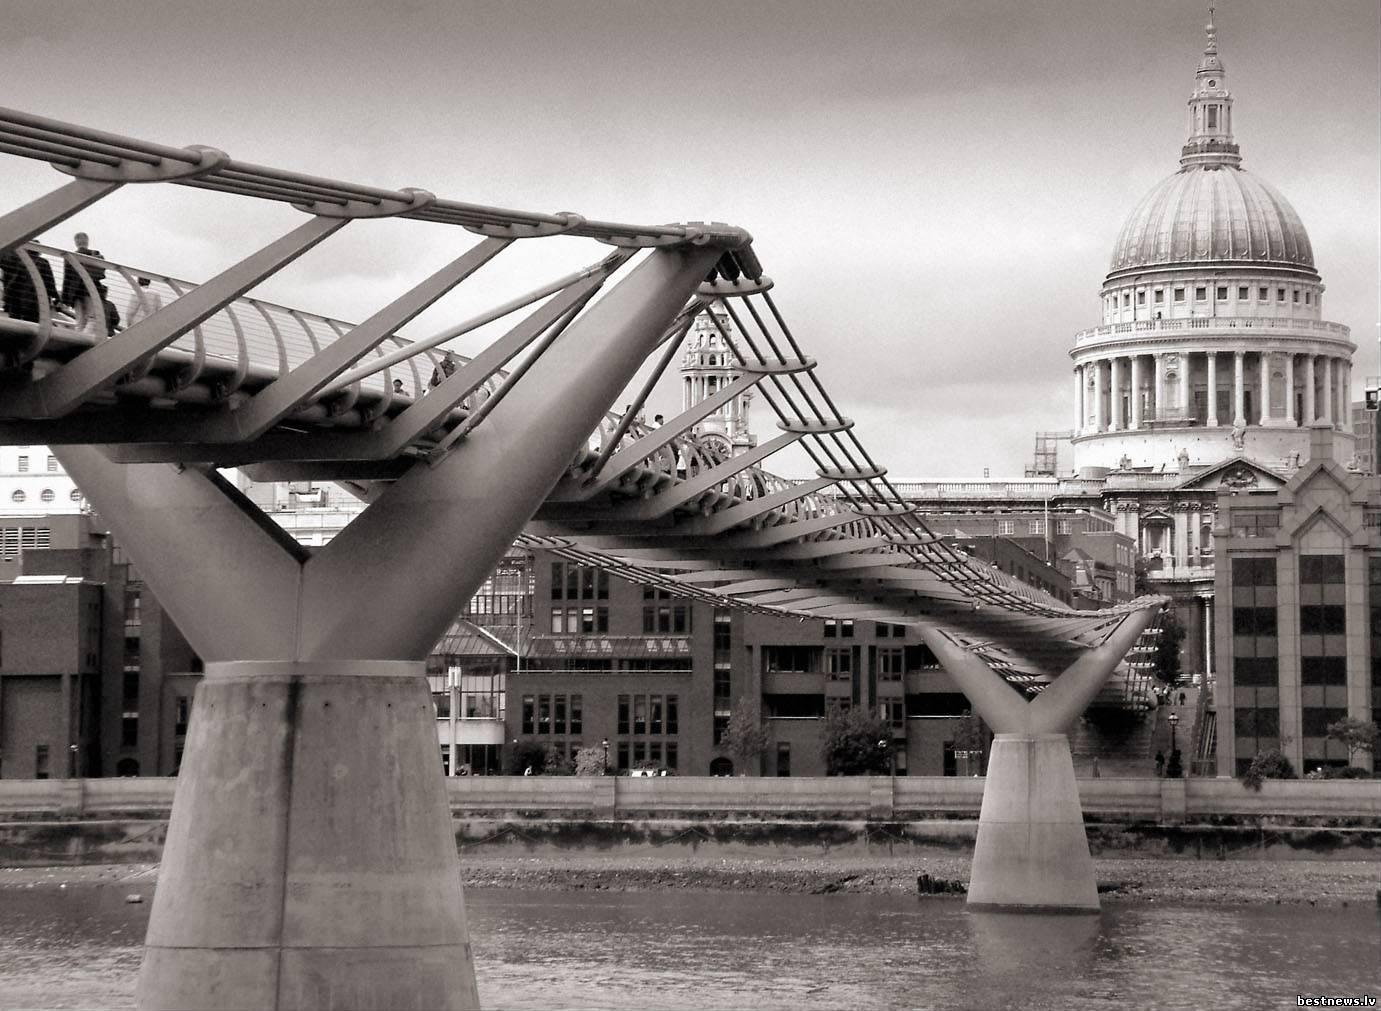 Посмотреть новость Стальной мост Миллениум Бридж